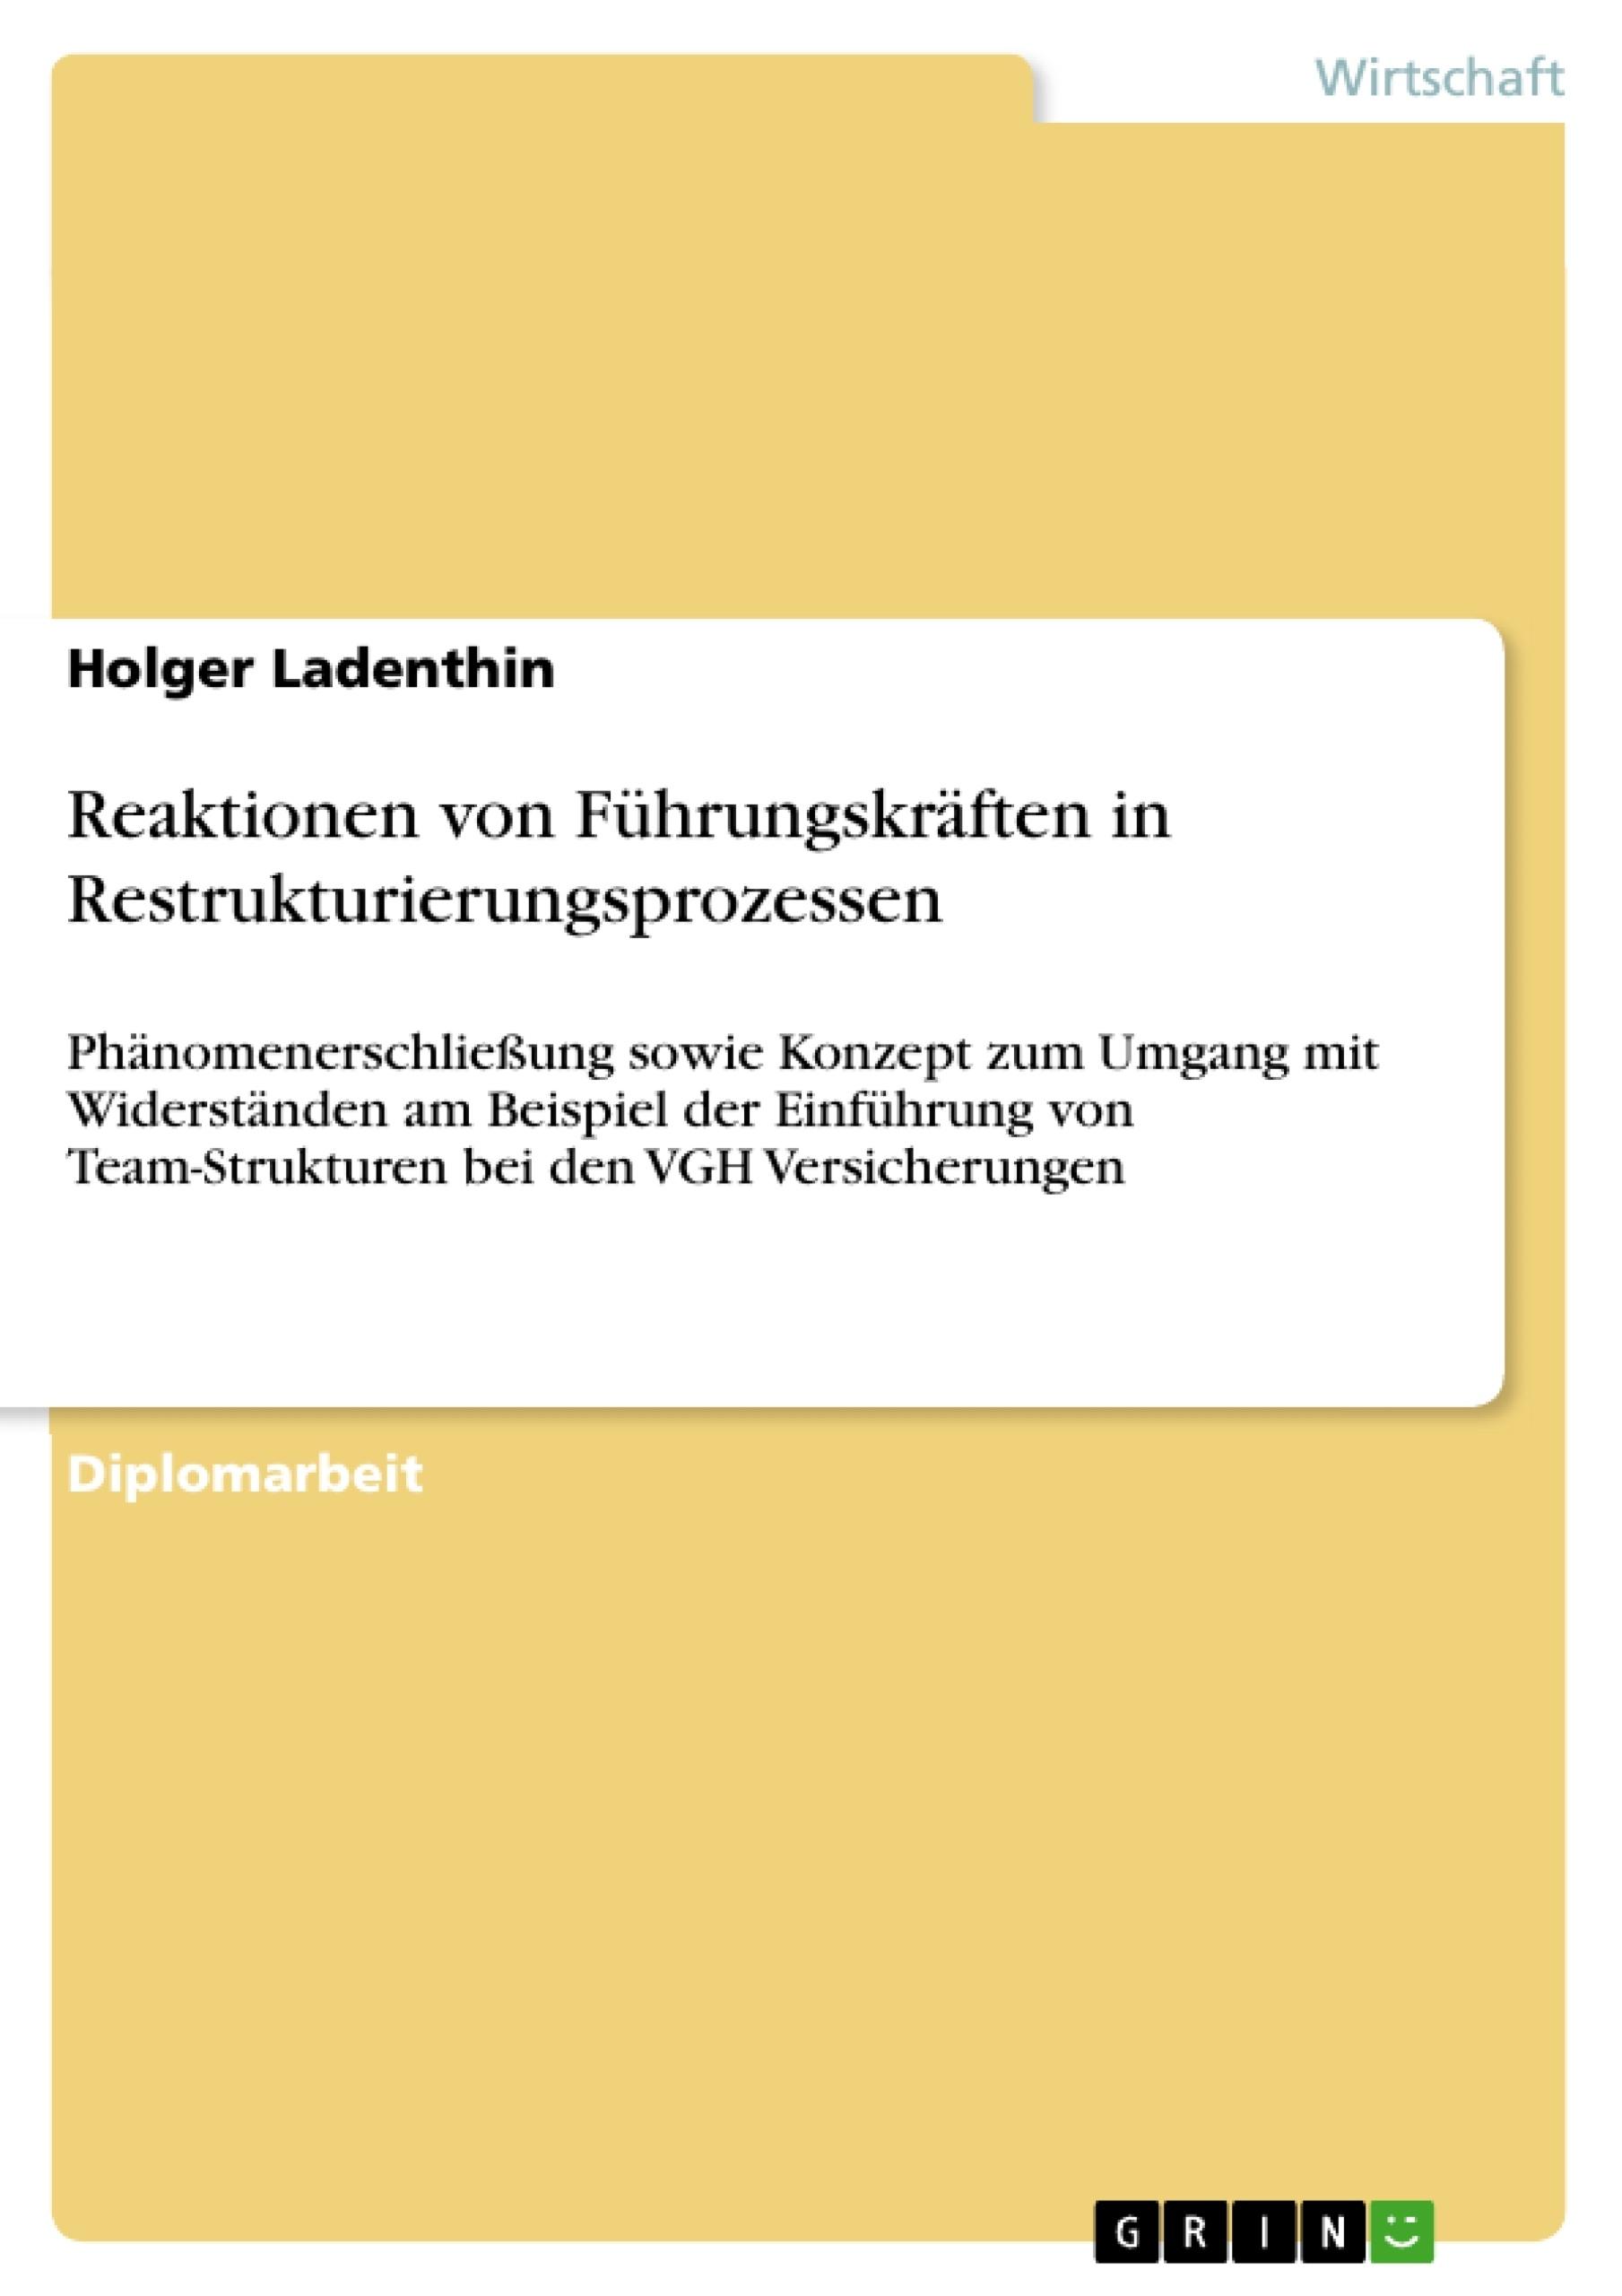 Titel: Reaktionen von Führungskräften in Restrukturierungsprozessen